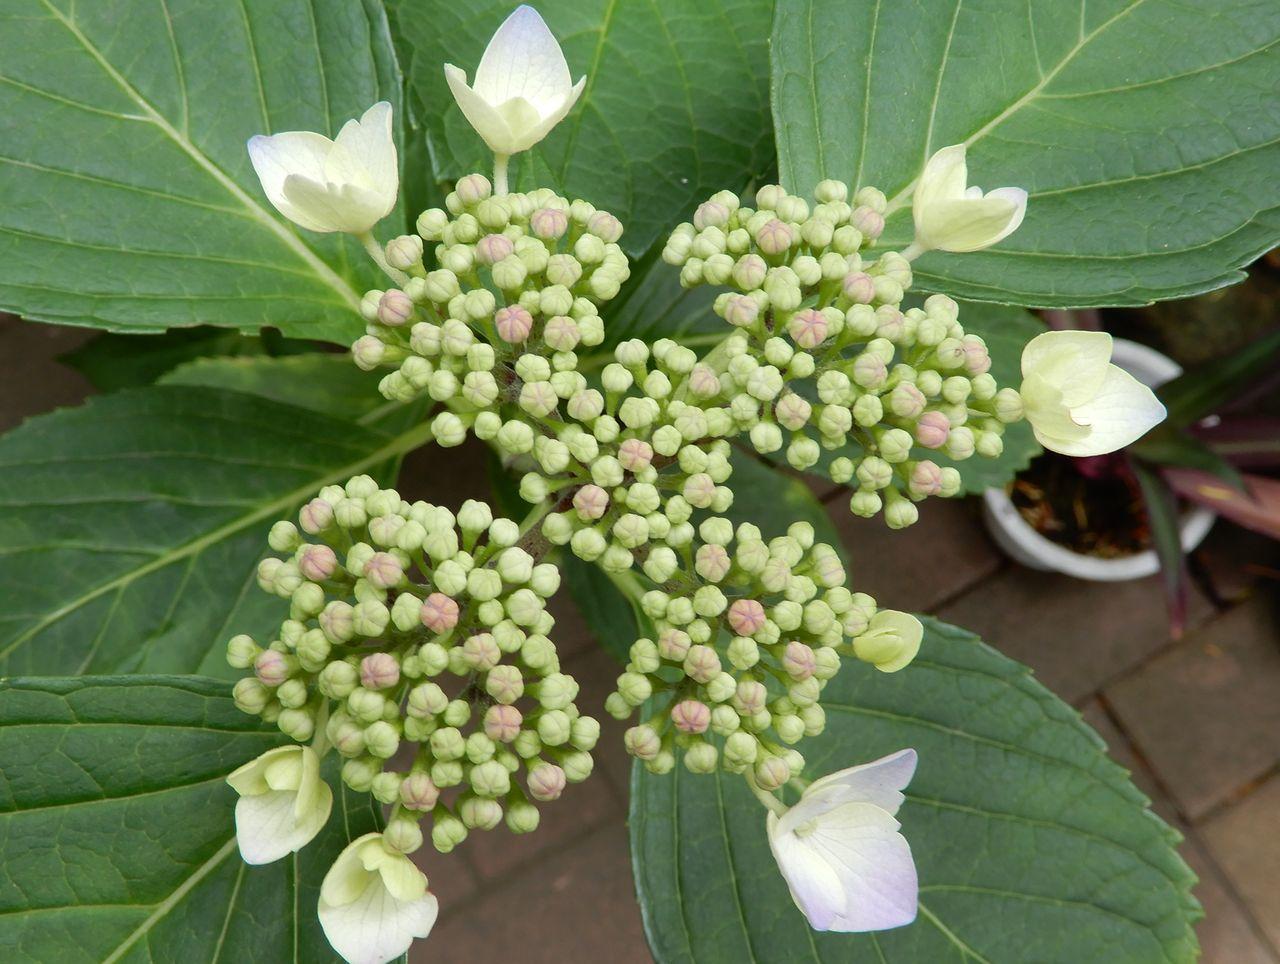 シモツケが咲き始める「小暑・温風至」_c0025115_22422594.jpg